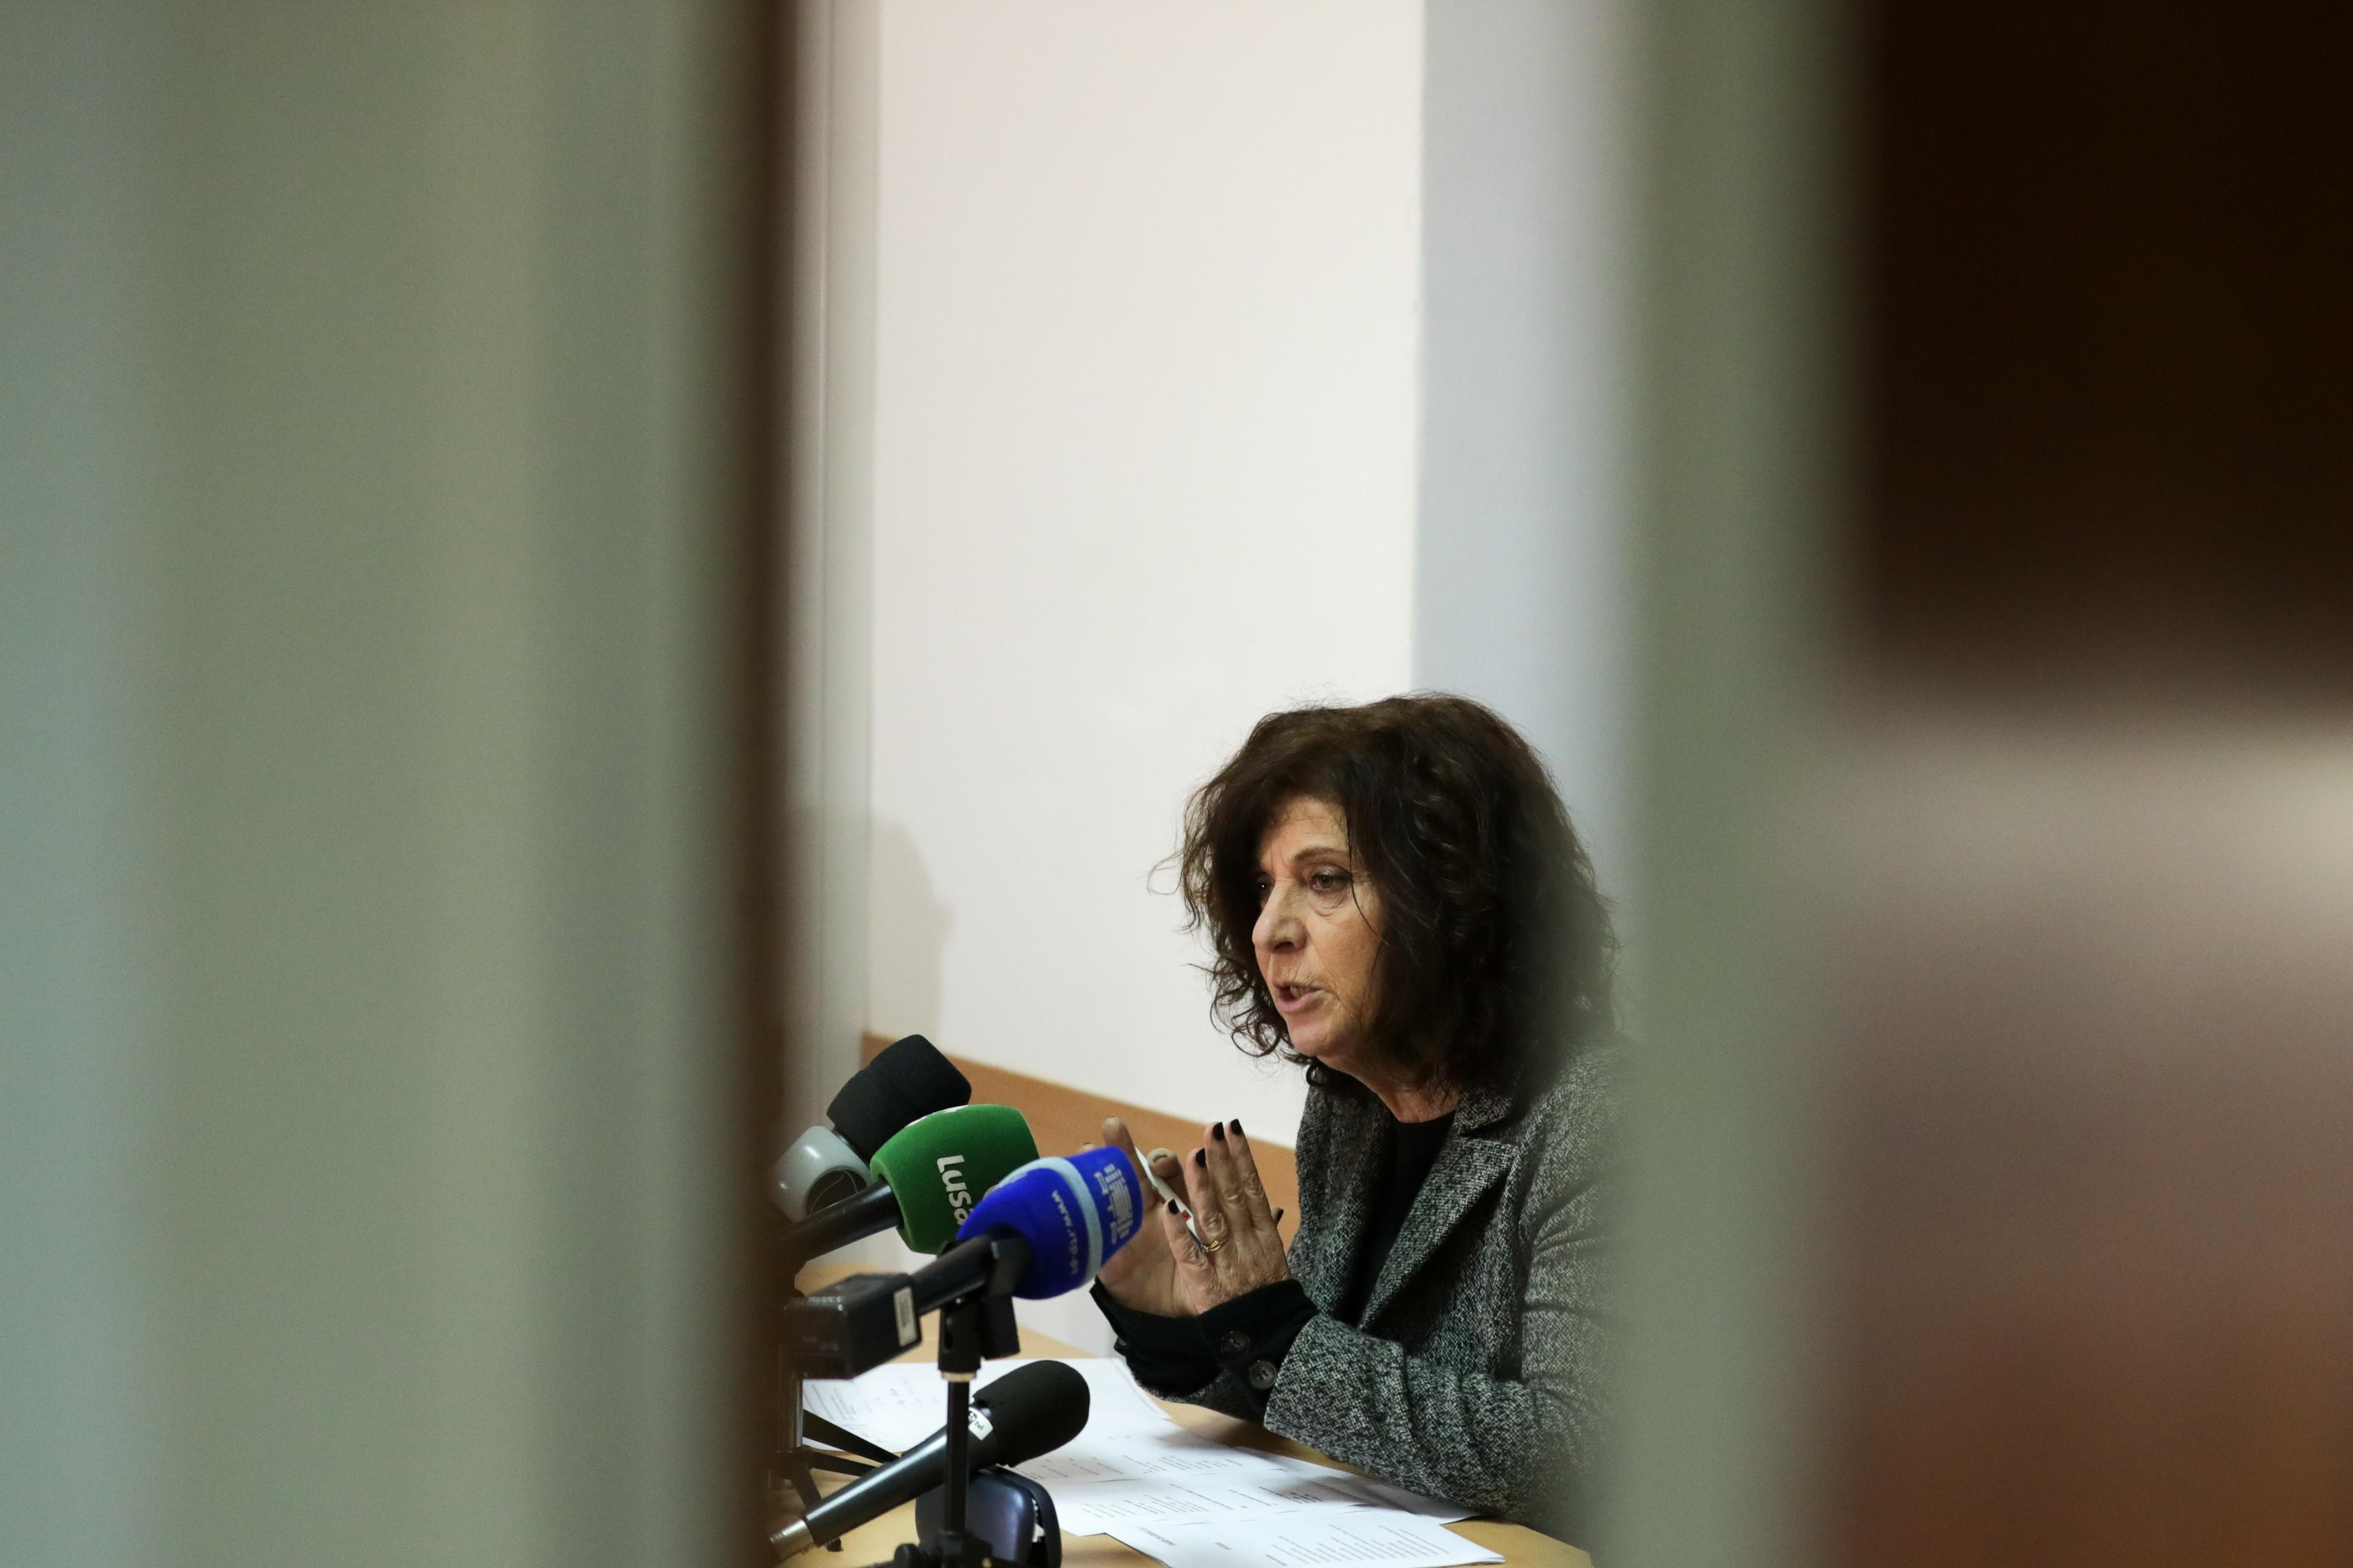 Frente Comum abandona negociações indignada com aumentos propostos pelo executivo